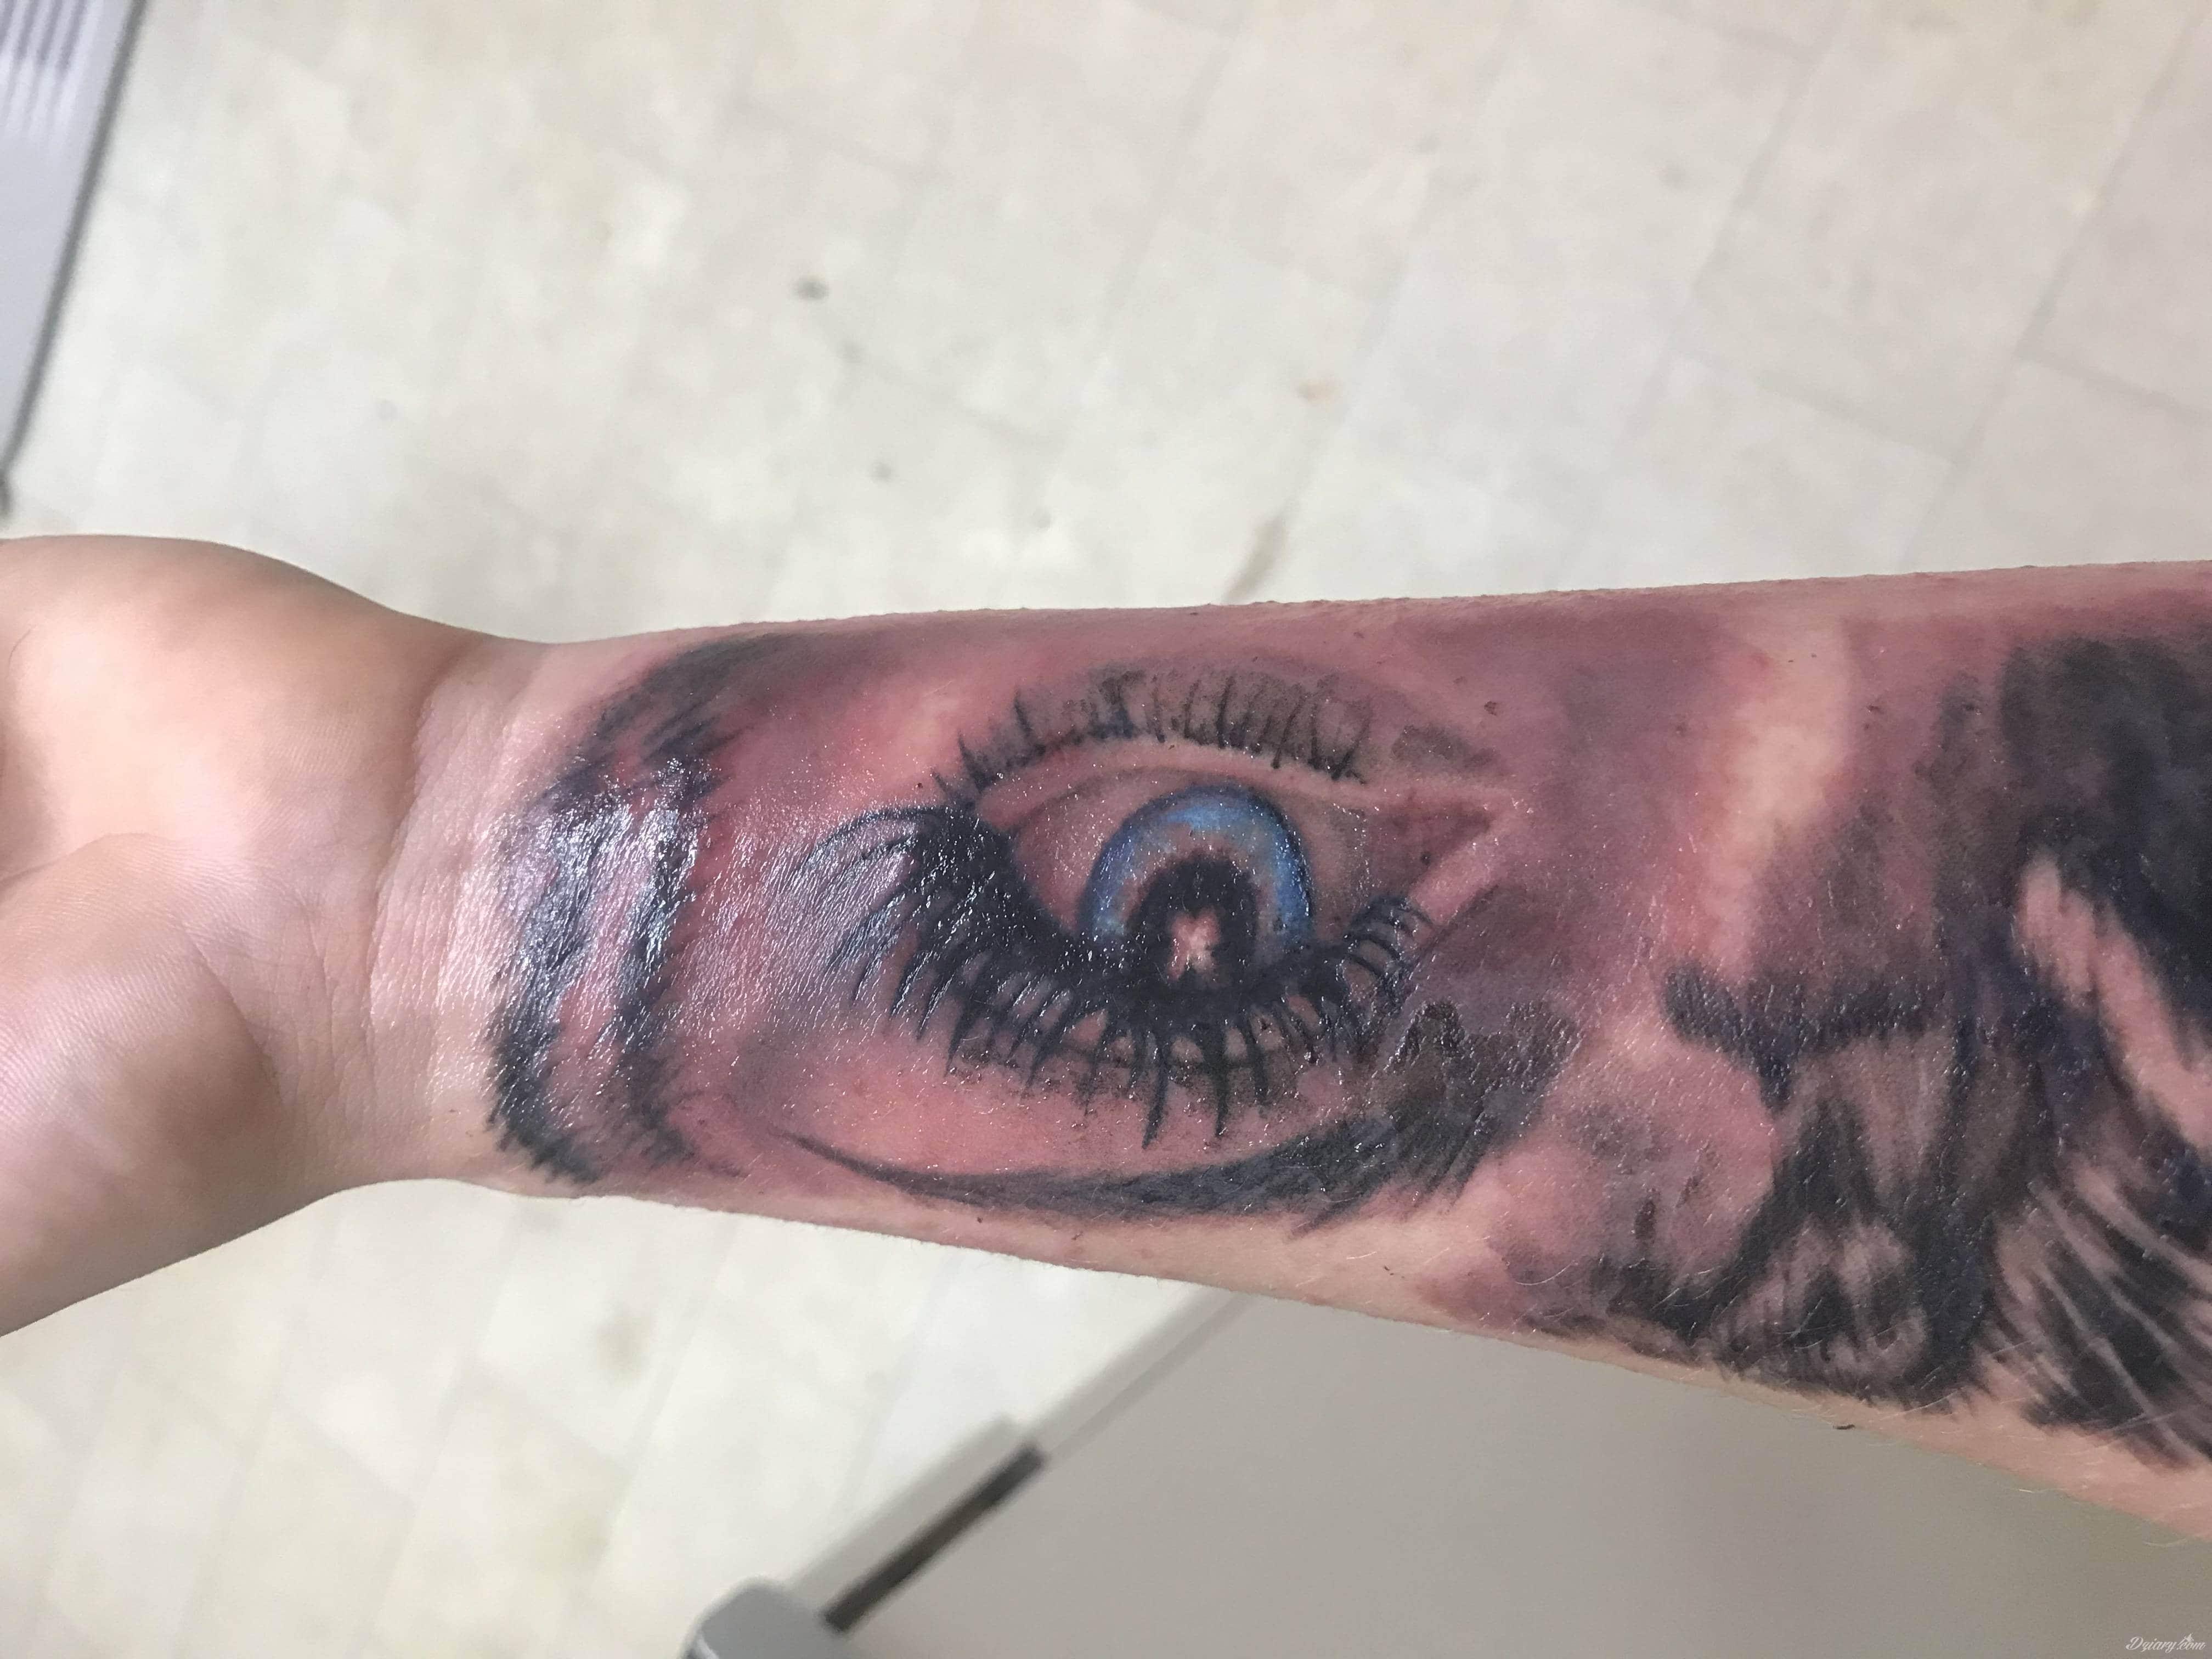 Reakcja Alergiczna Pomozcie Tatuaże Forum